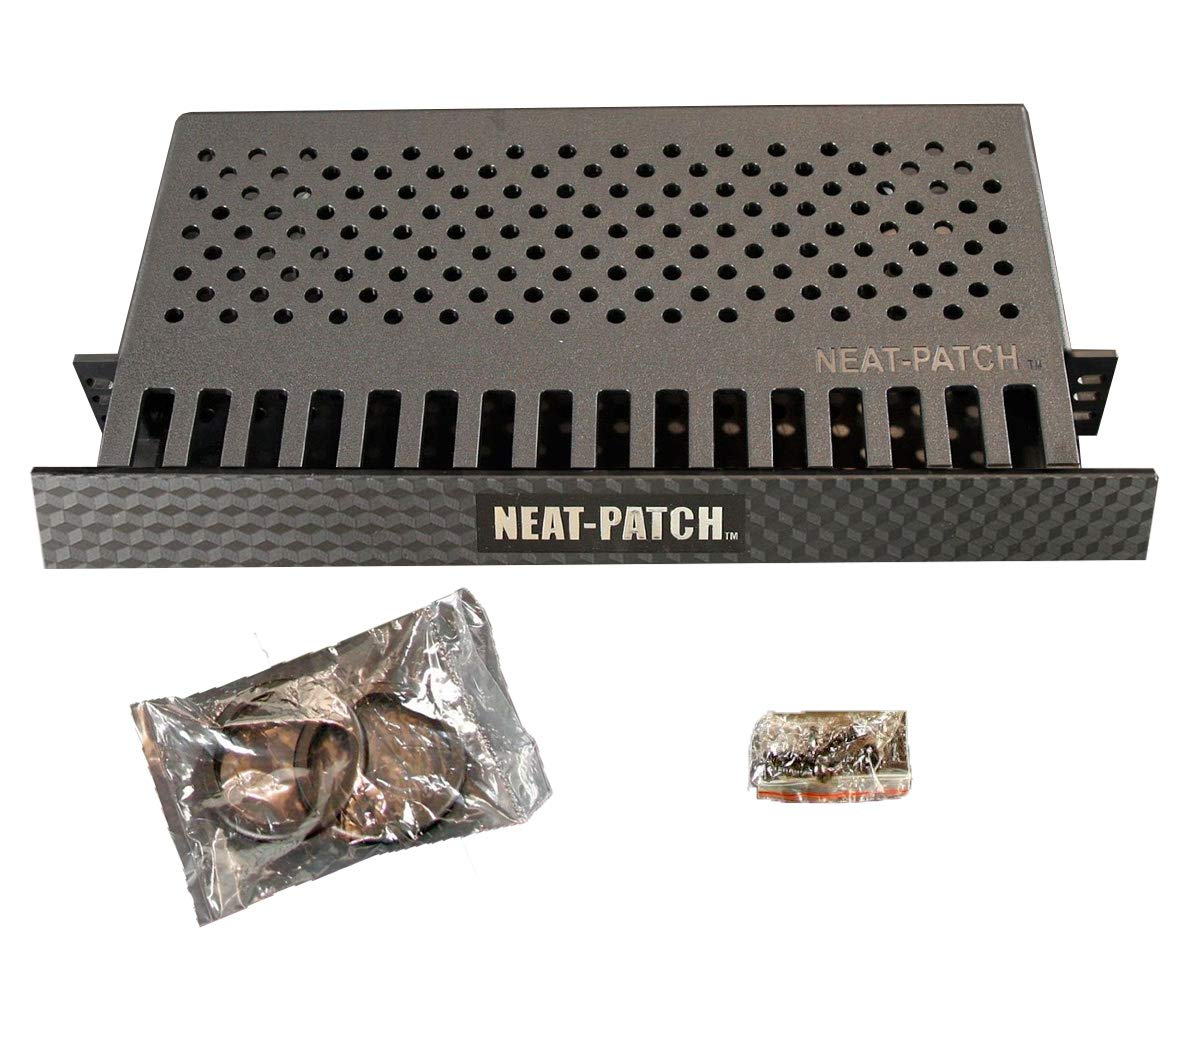 Neat Patch MINI 1U Low Profile Cable Management Unit (2 Pack)